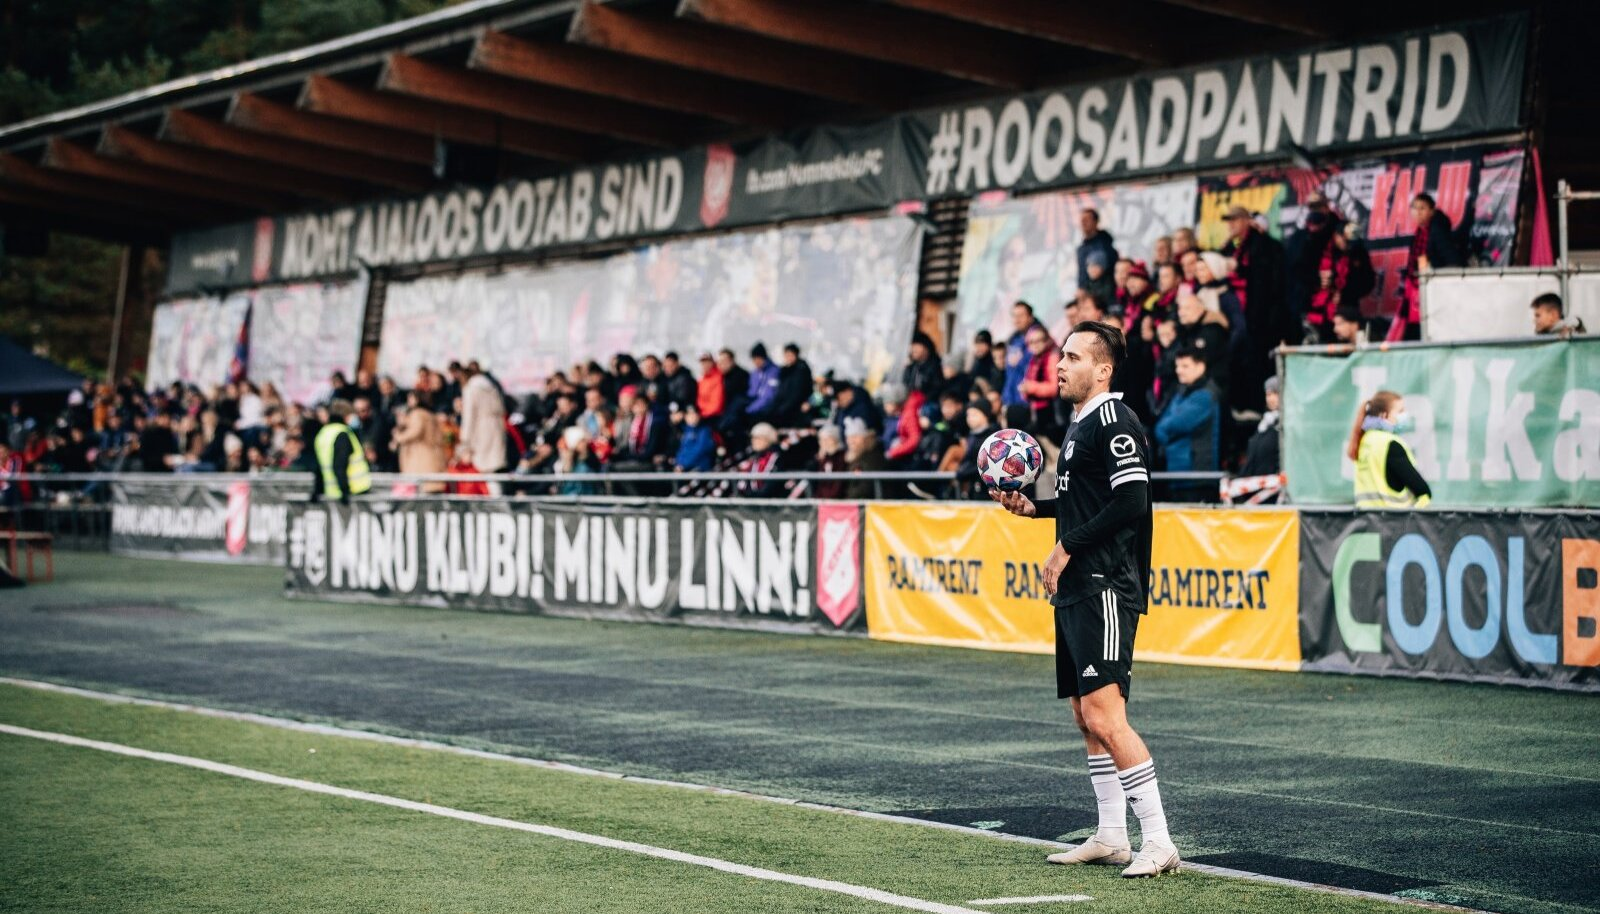 Kõige positiivsema stsenaariumi kohaselt võib Nõmme Kalju oma kodumängud uuesti Hiiule kolida järgmise aasta suvel.